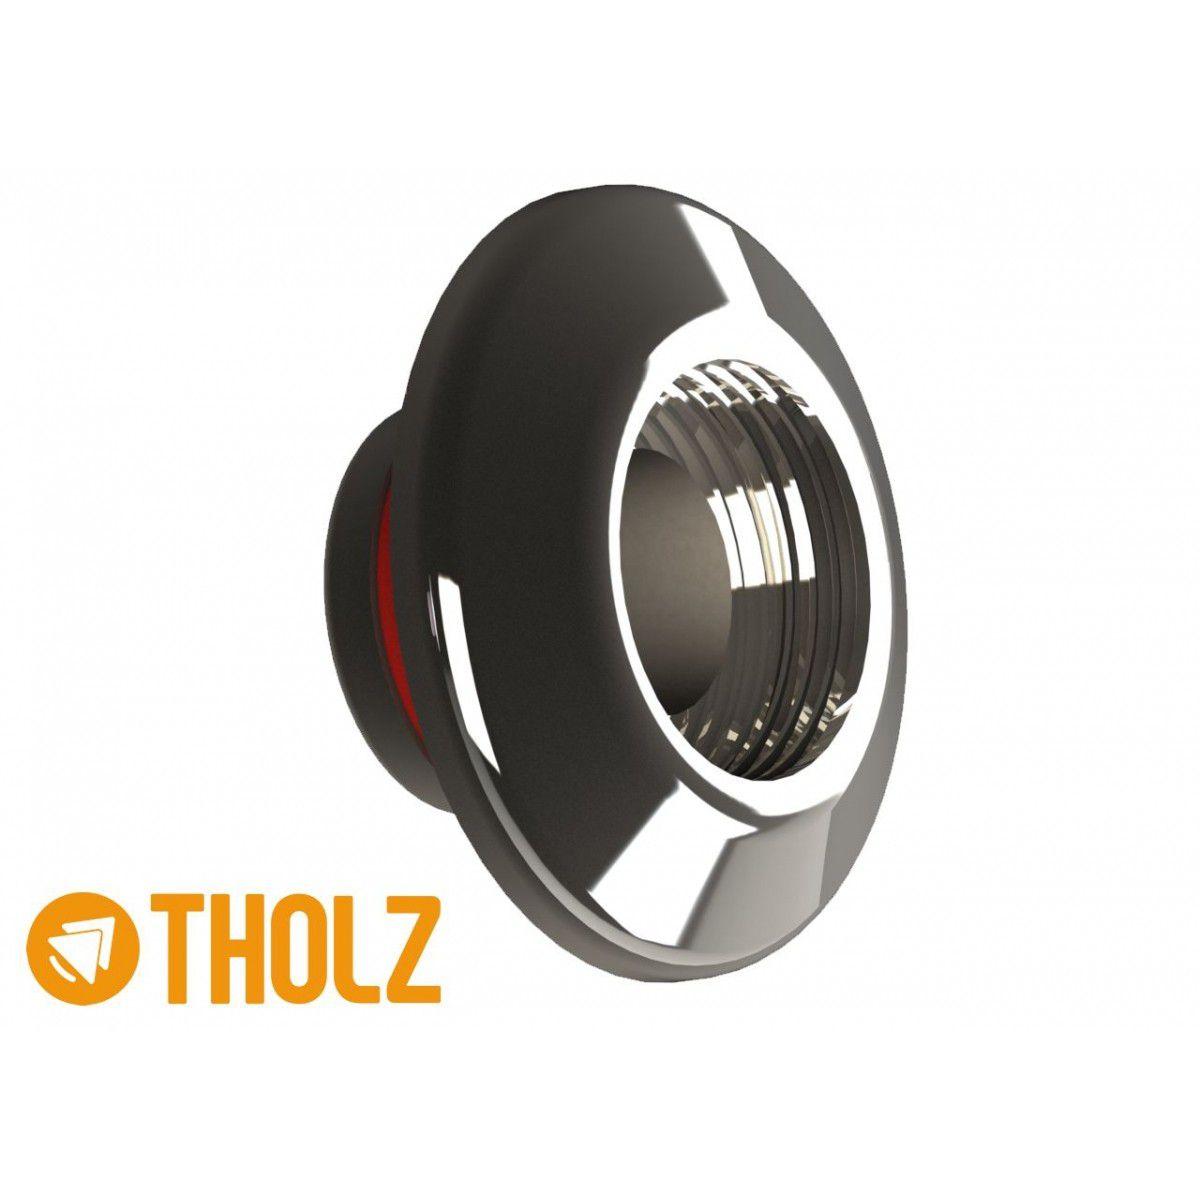 Dispositivo de Aspiração Inox - Alvenaria - Tholz